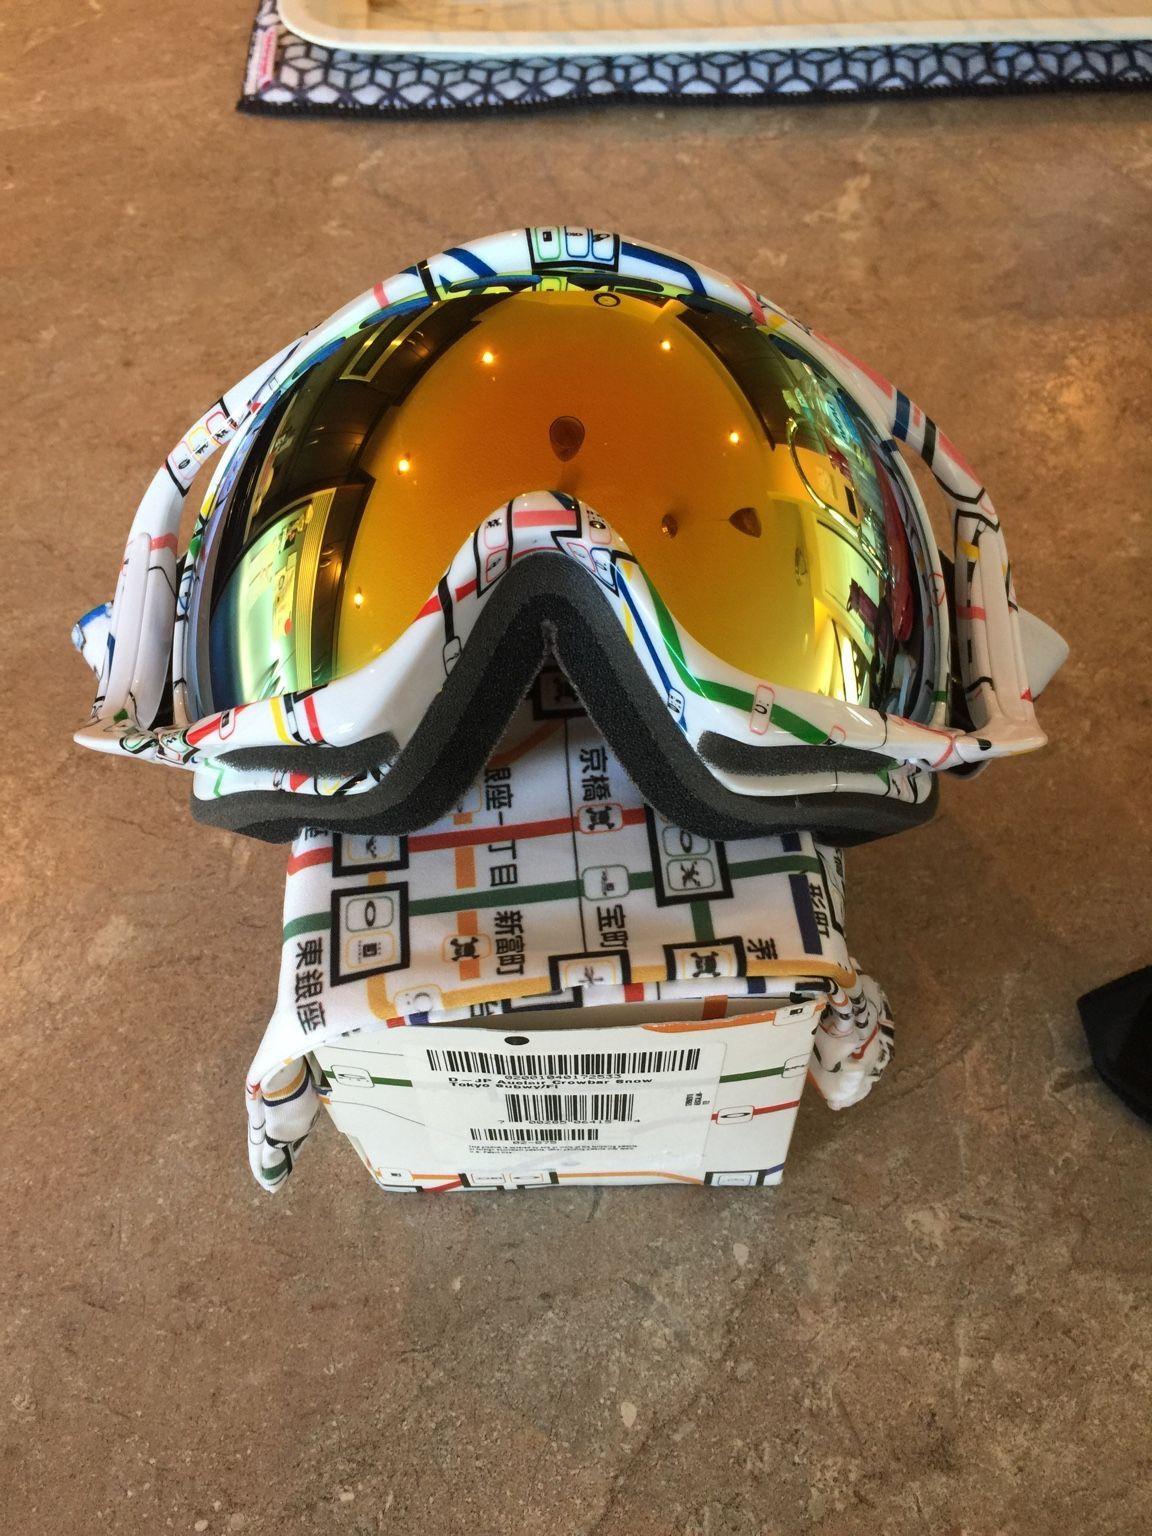 JP Auclair Crowbar Tokyo Subway Goggles - 37ef39e4bd36be1d27c16c78ac1442e5.jpg